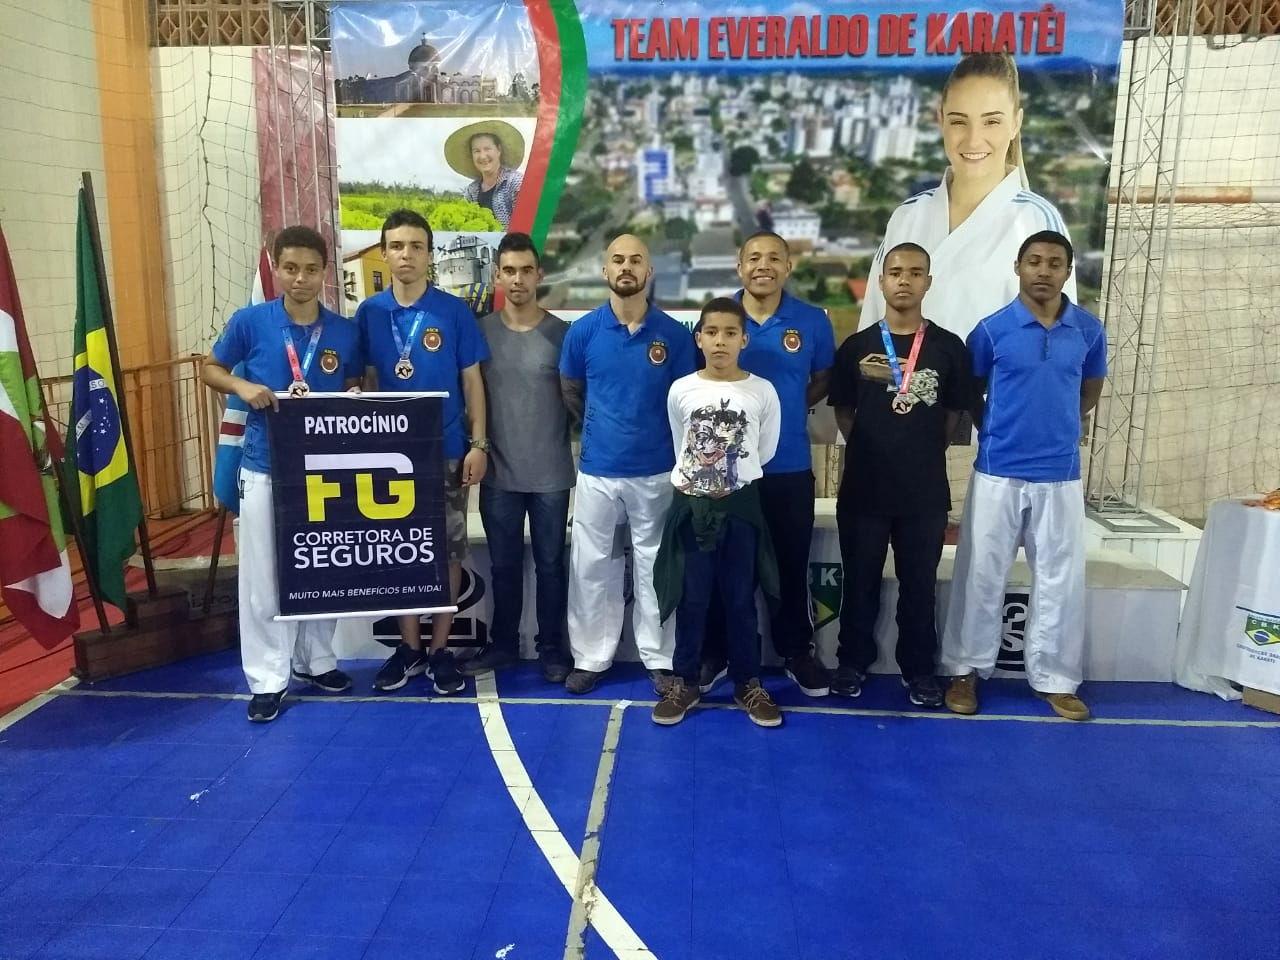 Caratecas criciumenses conquistam medalhas em competição estadual